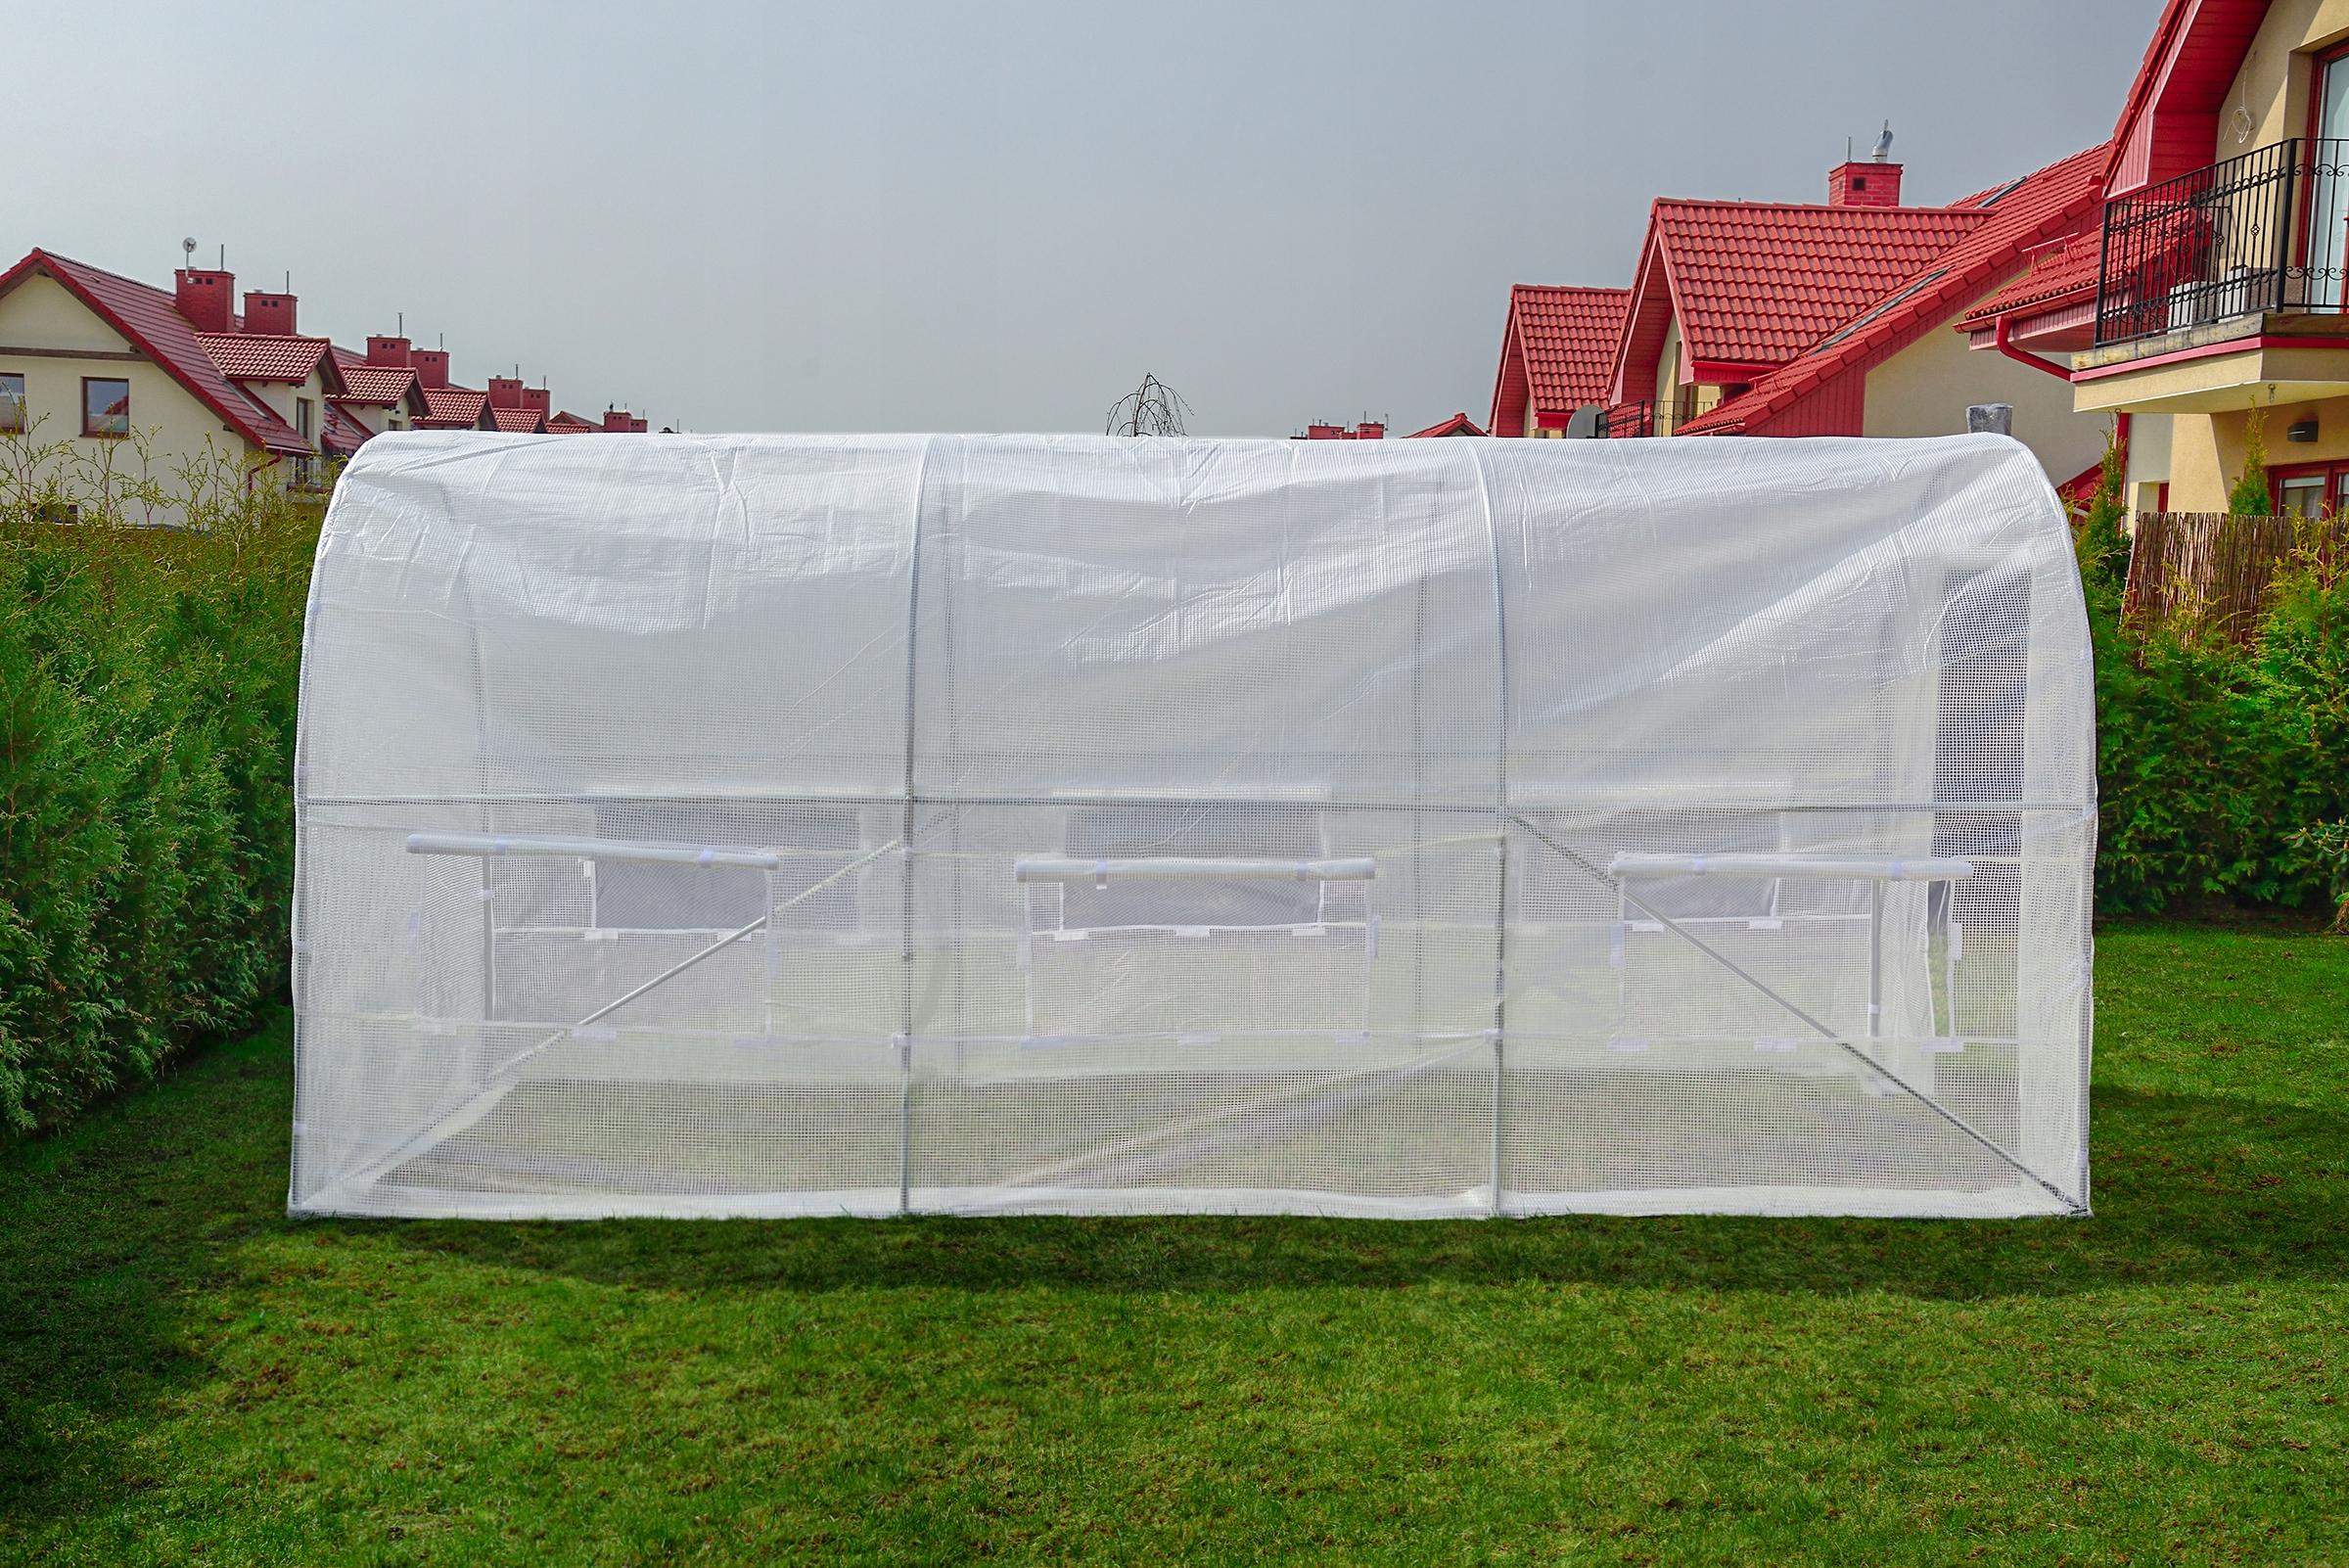 FÓLOVÝ TUNEL 10m2 ZAHRADA GREENHOUSE 4x2,5m UV-4 Výška 200 cm